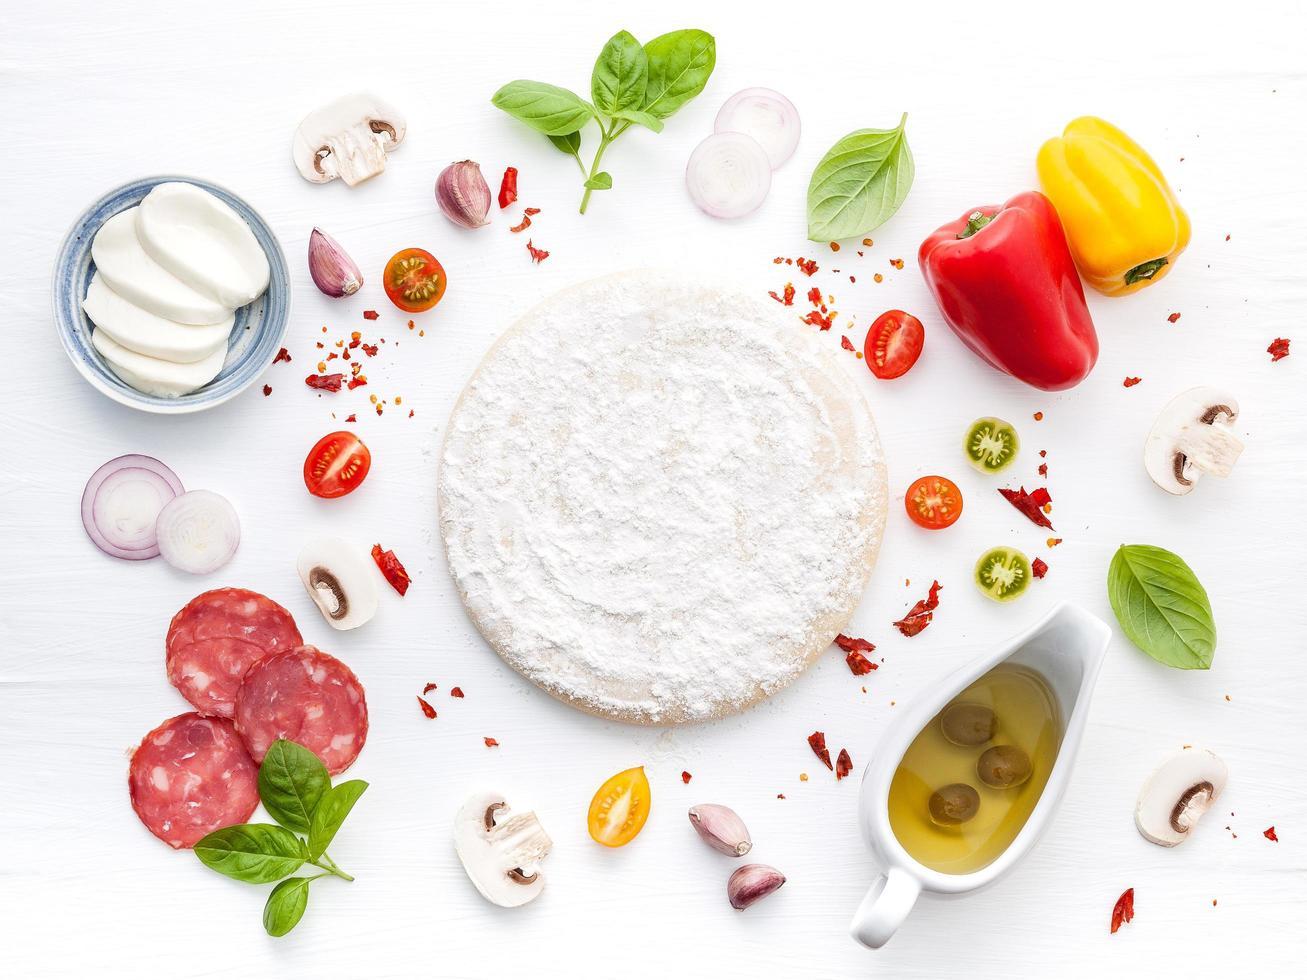 frischer Pizzateig und Zutaten foto